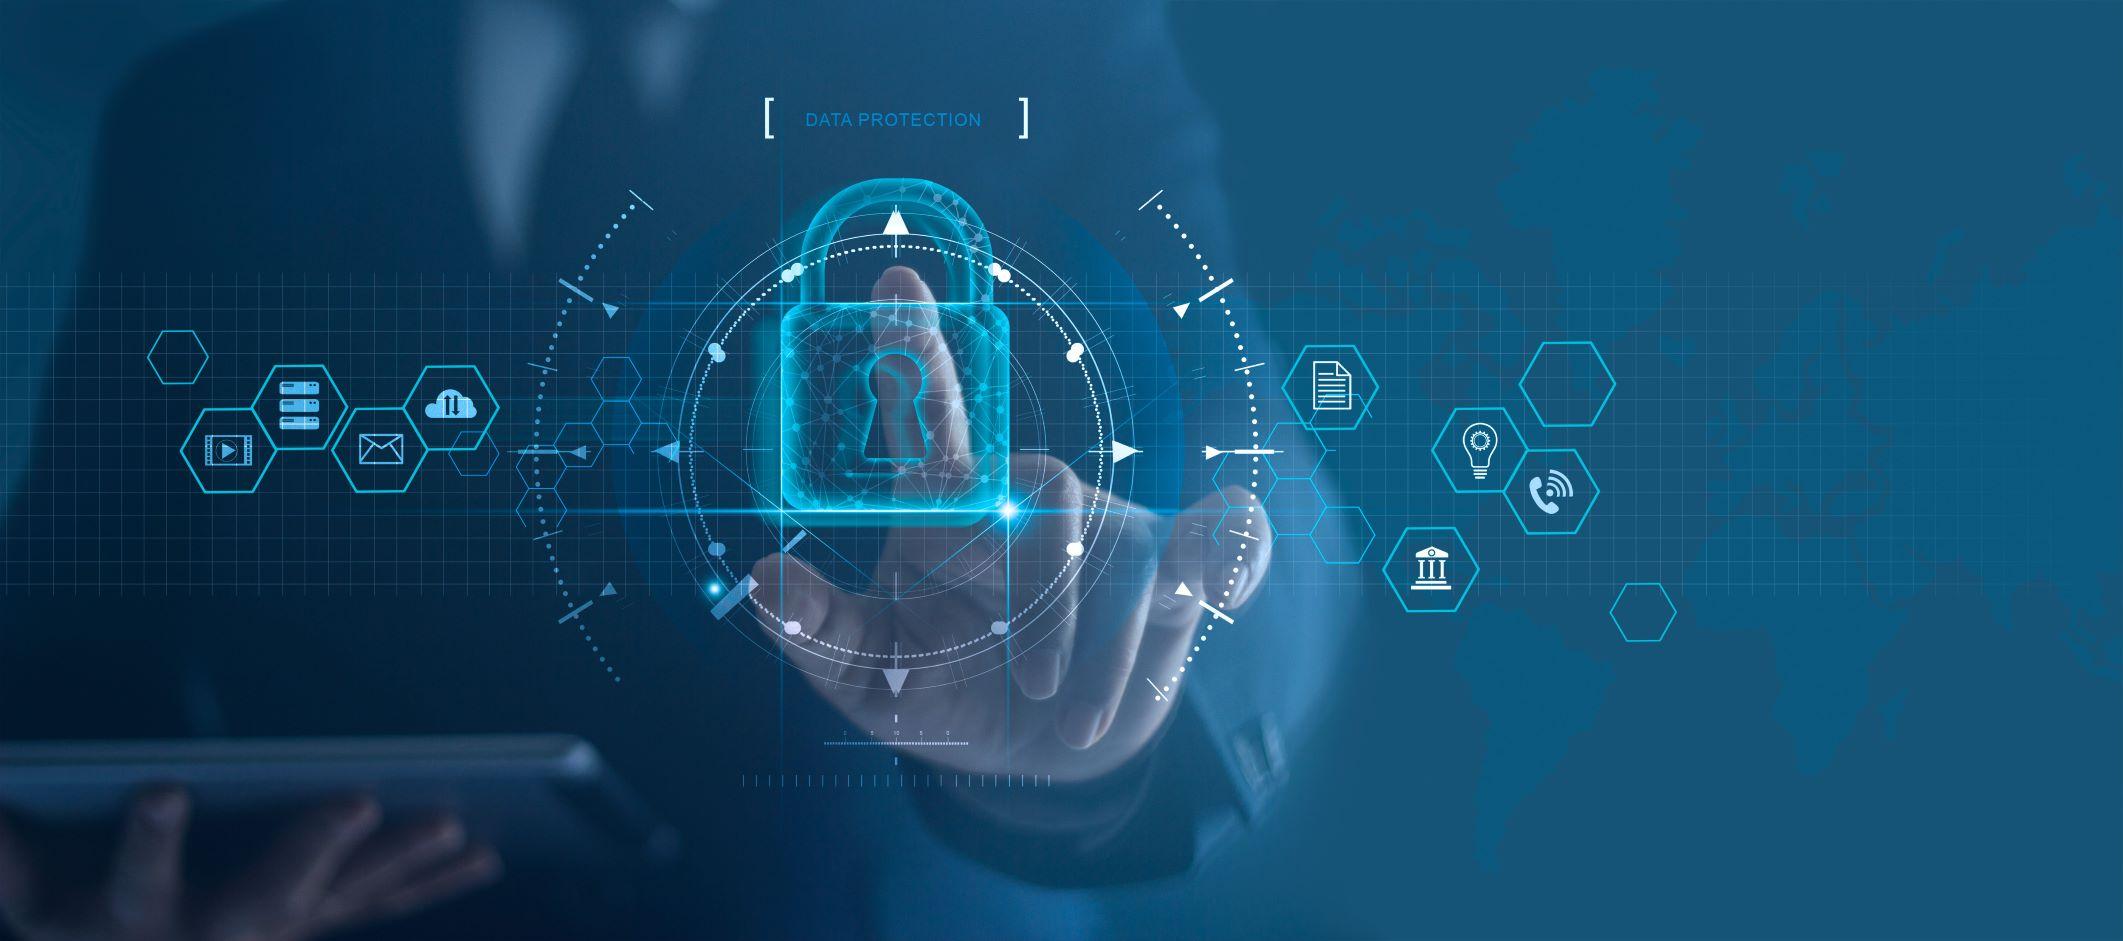 kiberbiztonsági